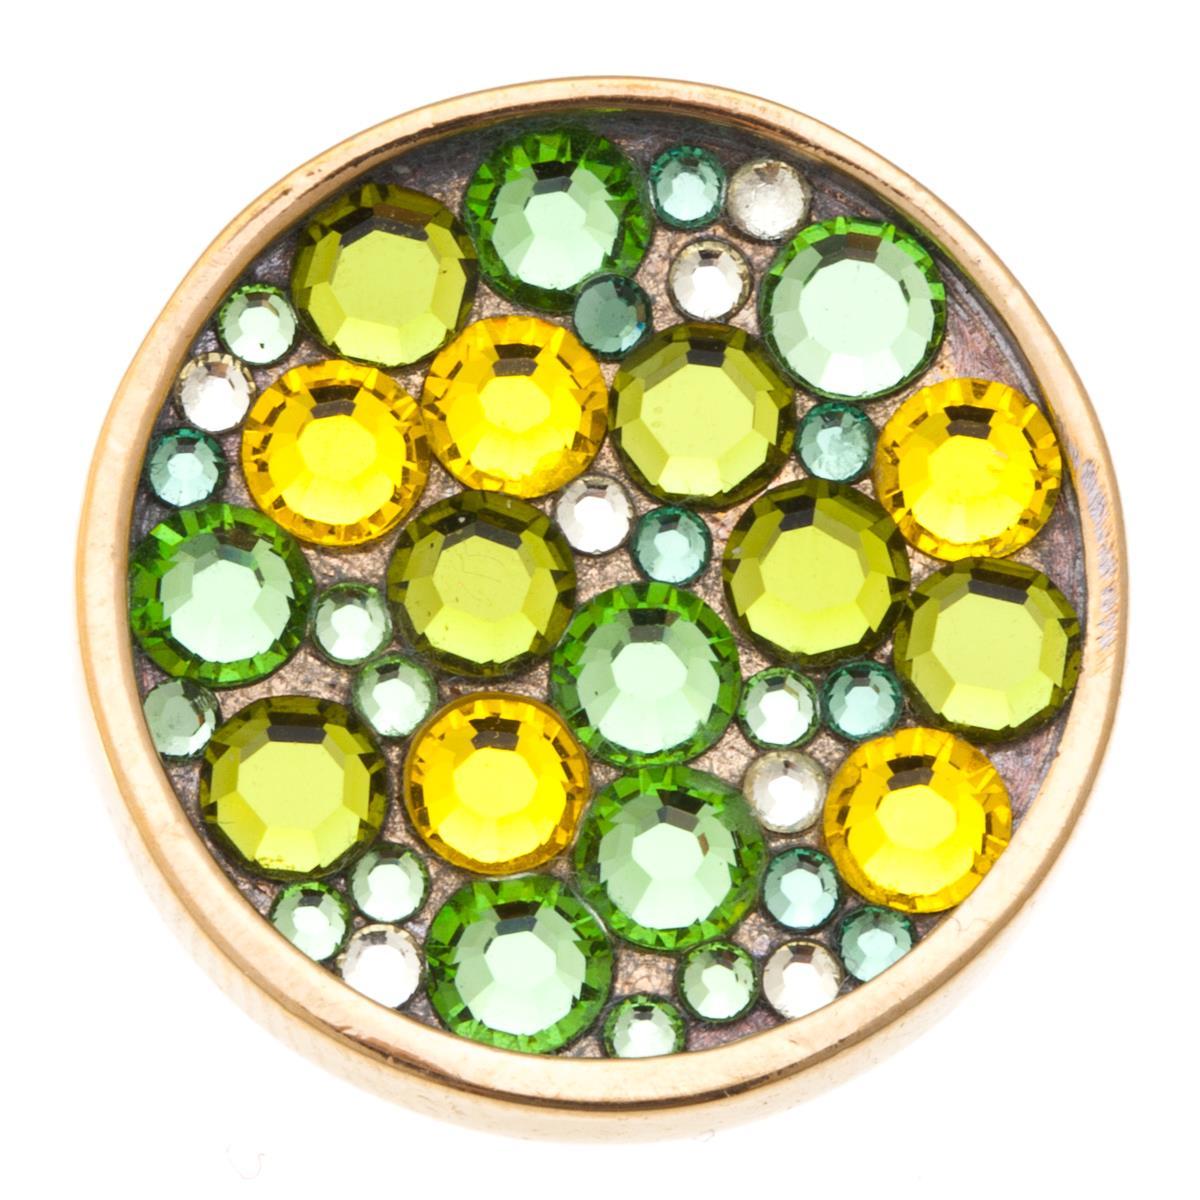 Накладка на кольцо-основу Jenavi Сцрев, цвет: золотой, желтый, зеленый, салатовый. k193pr23k193pr23Накладка на кольцо-основу Jenavi Сцрев выполнена в виде диска из ювелирного сплава, который оформлен россыпью кристаллов Swarovski. Изделие оснащено штифтом с резьбой, при помощи которого накладка фиксируется на кольце-основе. Накладка на кольцо-основу Jenavi позволит экспериментировать и дополнять ваш образ каждый день.